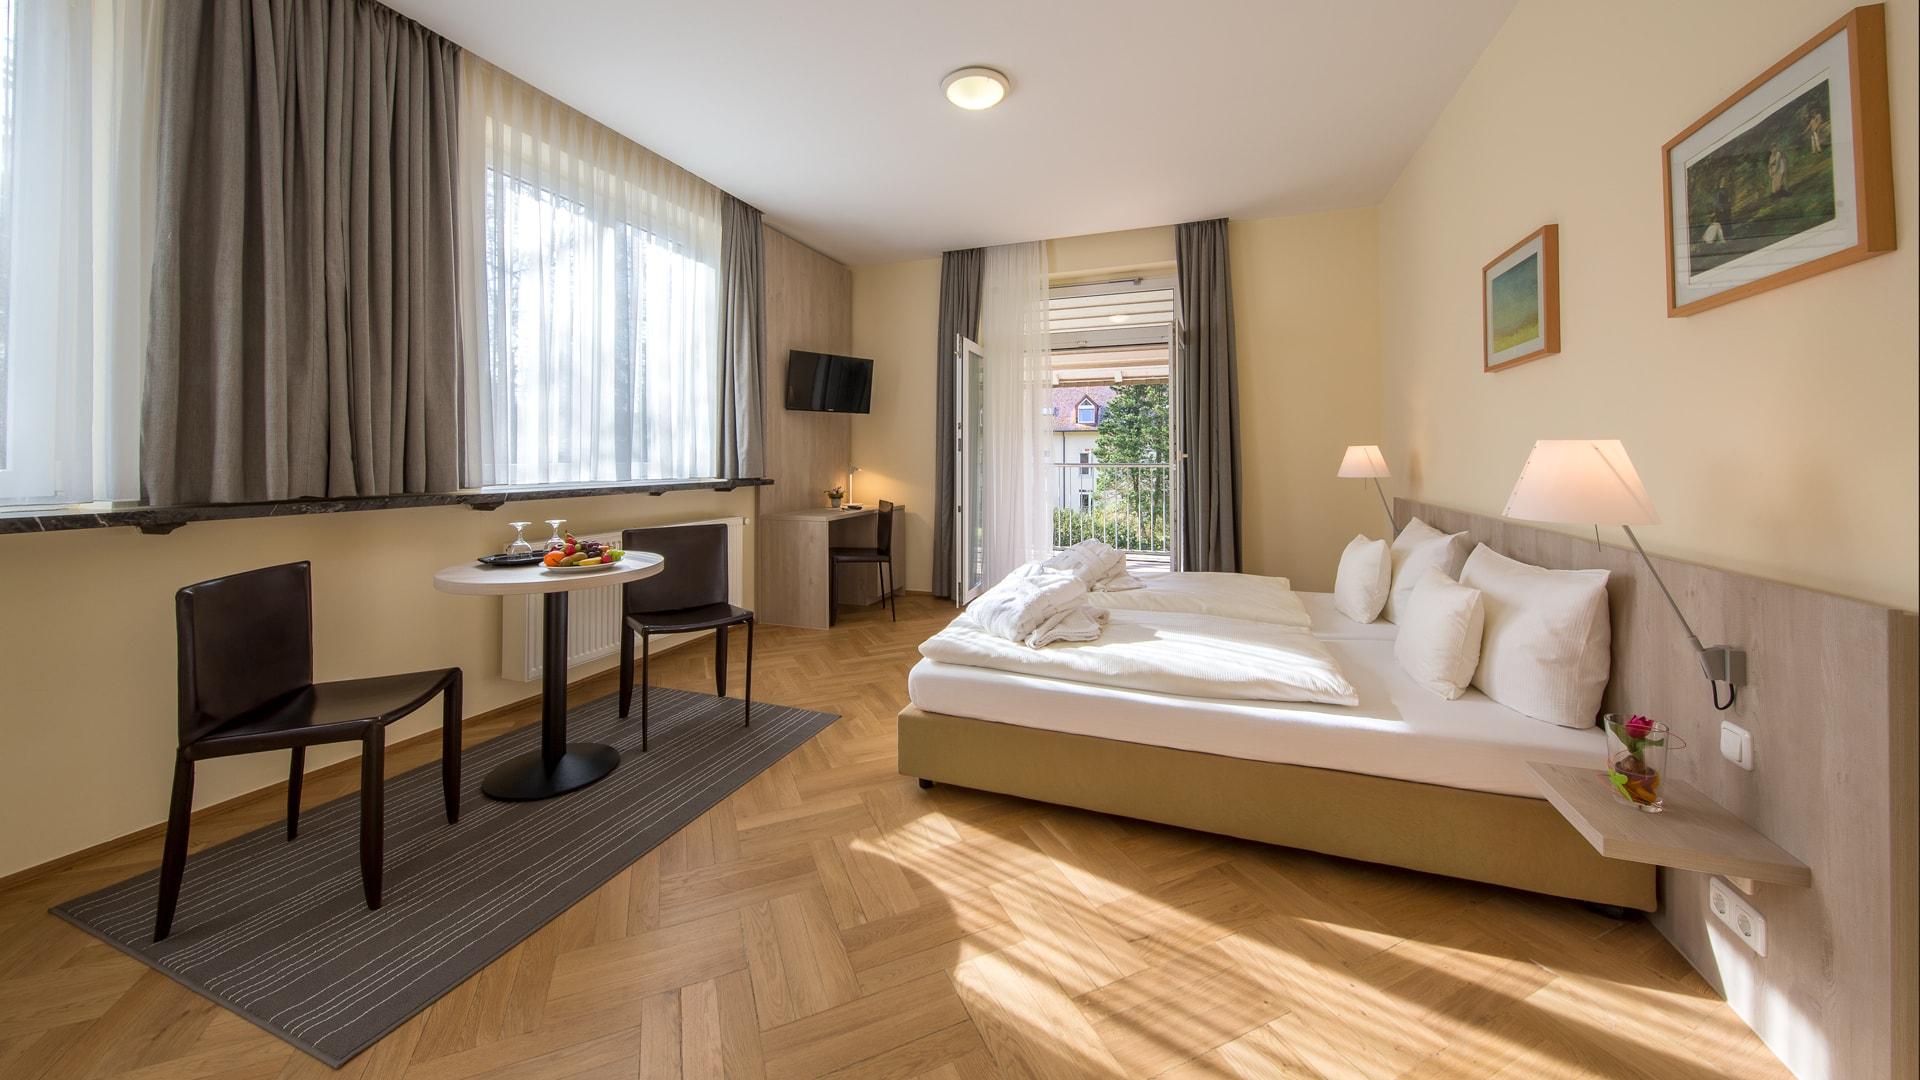 26 Michels_Hotels_Waldresidenz_Bernau_Ferienwohnung_B410_Schlafzimmer_mit_Balkon_und_Ausblick